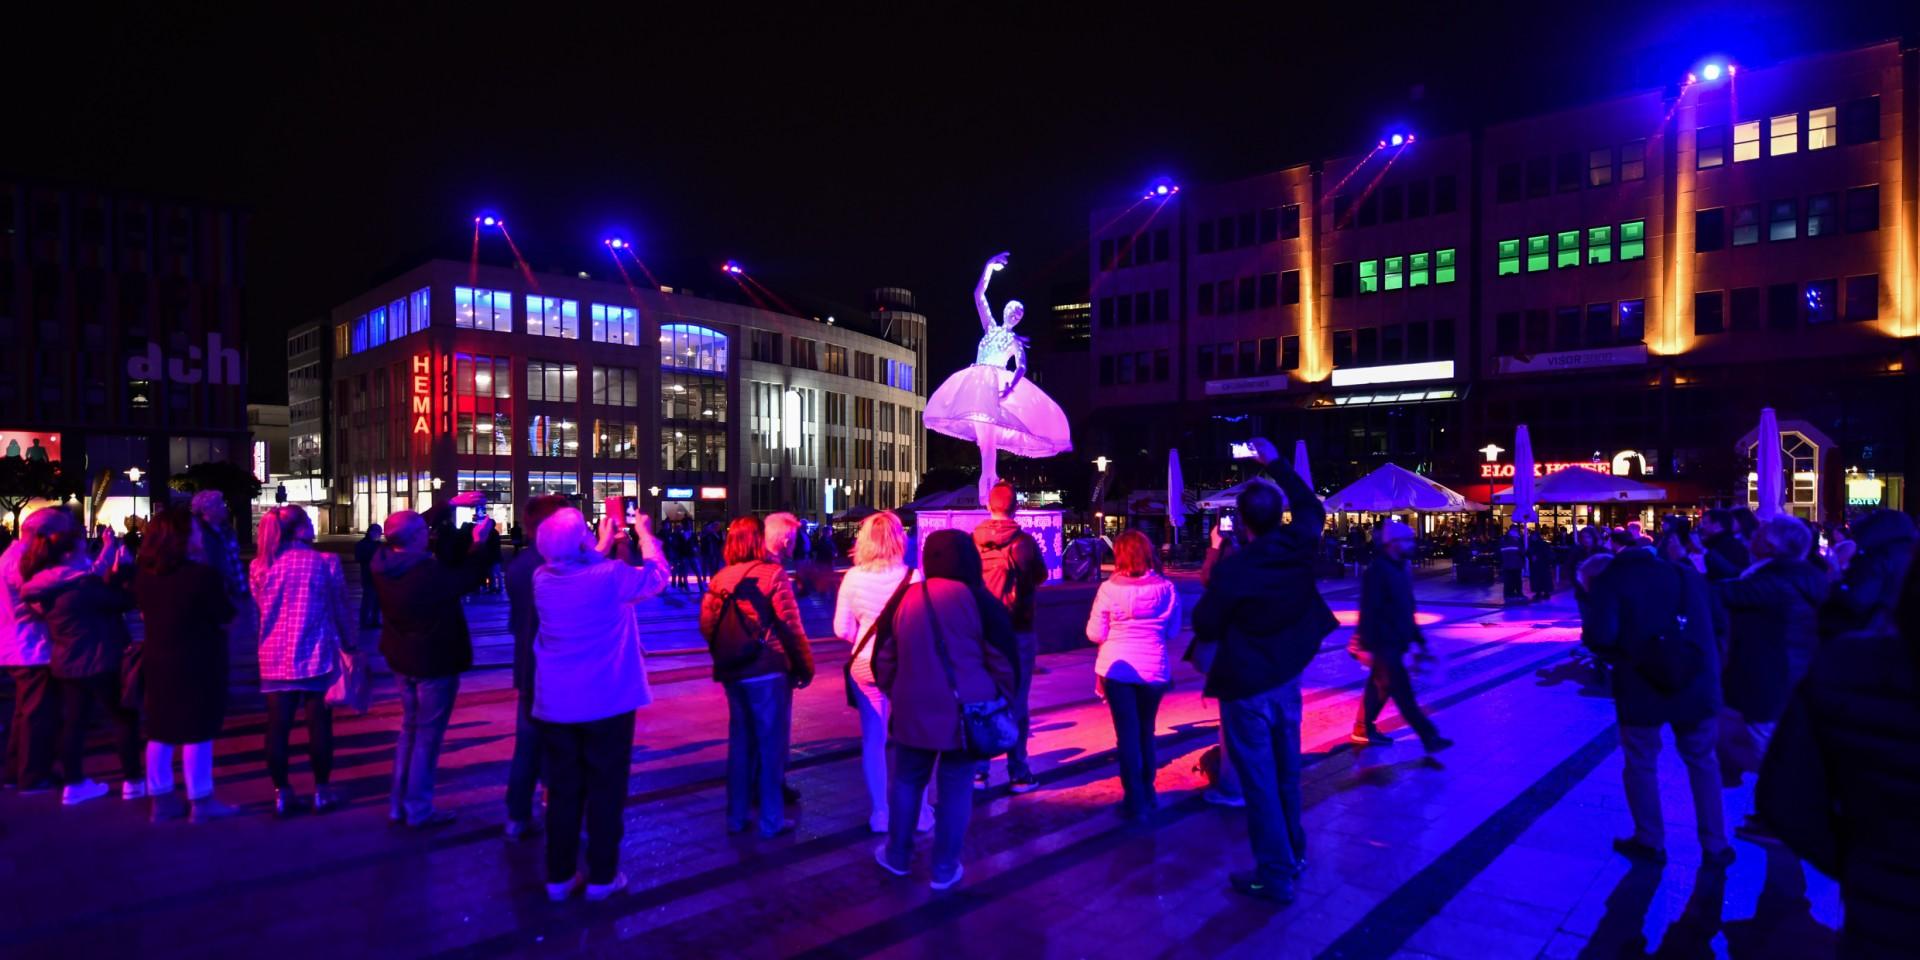 Führung beim Essen Light Festival (Foto: Kirsten Neumann/EMG)